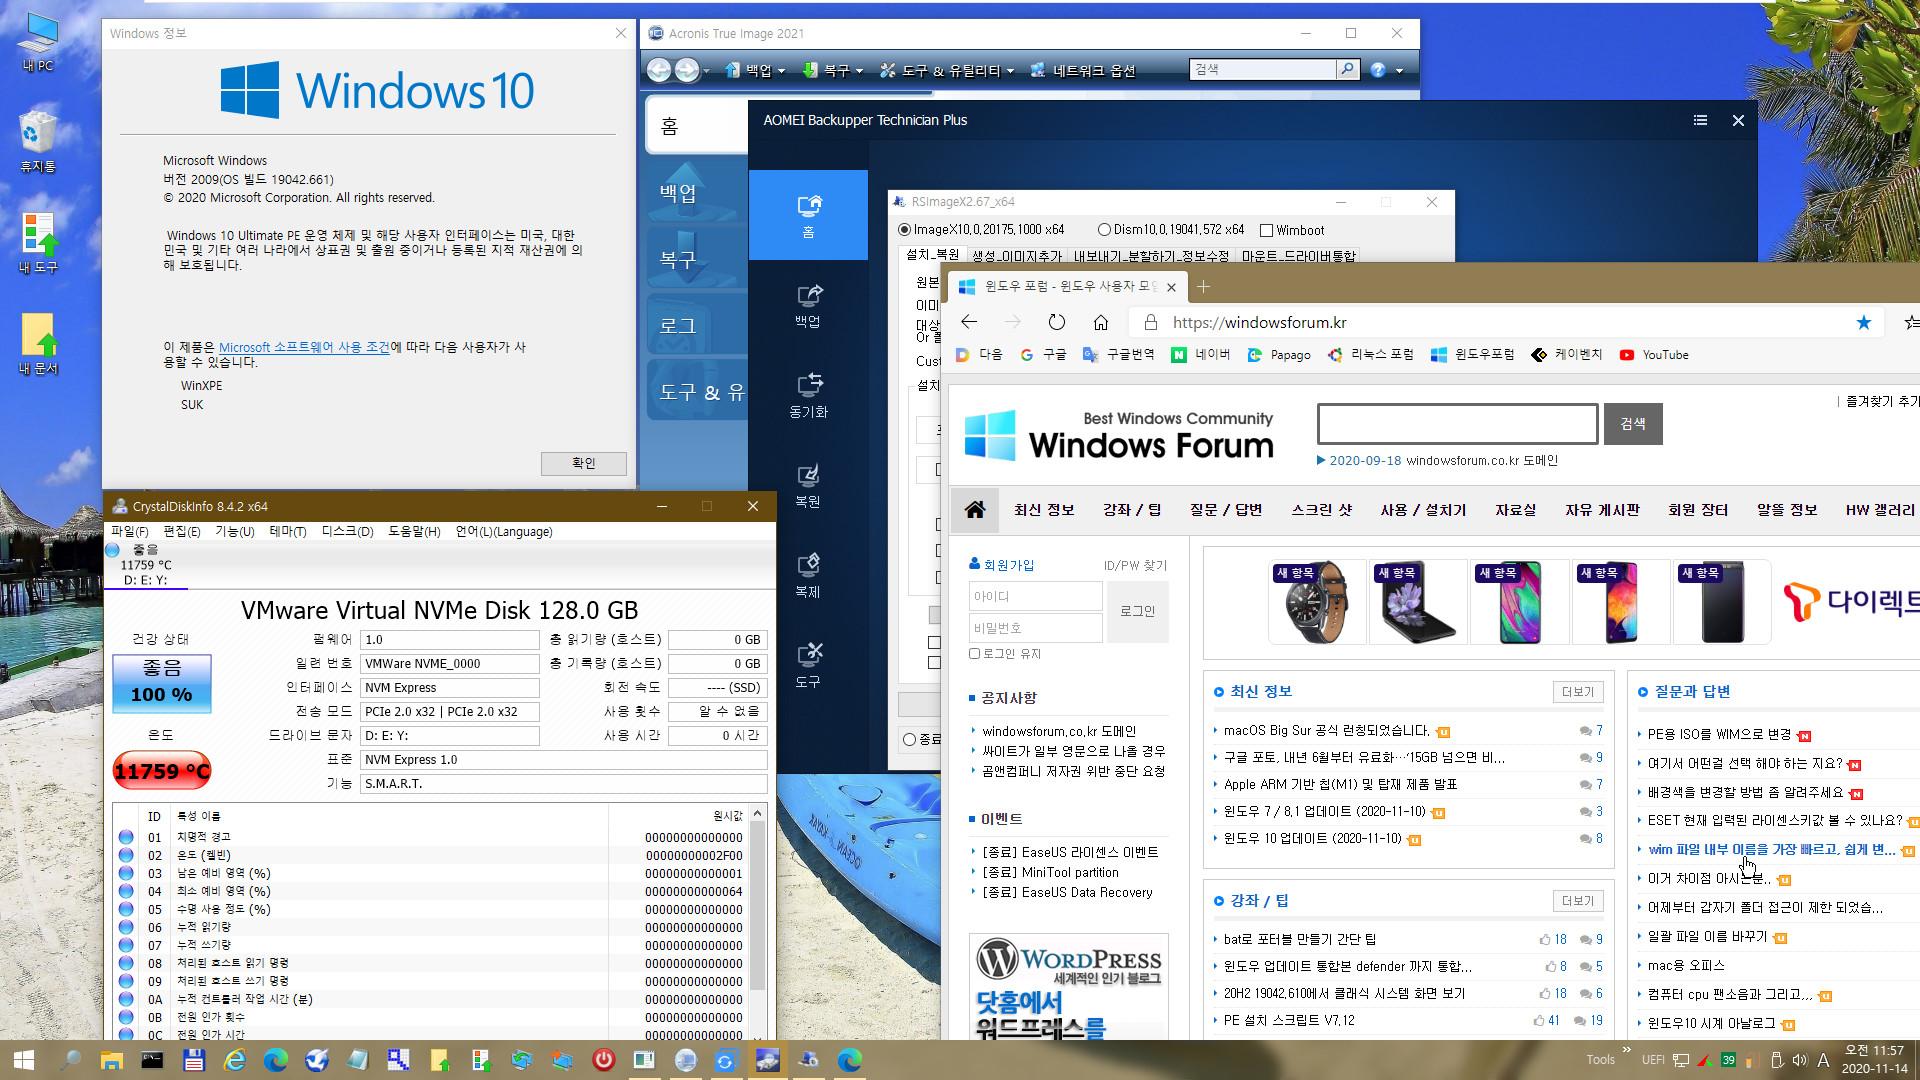 2020-11-14 토요일 [프리뷰] 통합 PRO x64 2개 - Windows 10 버전 2004 + 버전 20H2 누적 업데이트 KB4586853 (OS 빌드 19041.661 + 19042.661) v2 - PE 만들기 테스트 2020-11-14_115732.jpg